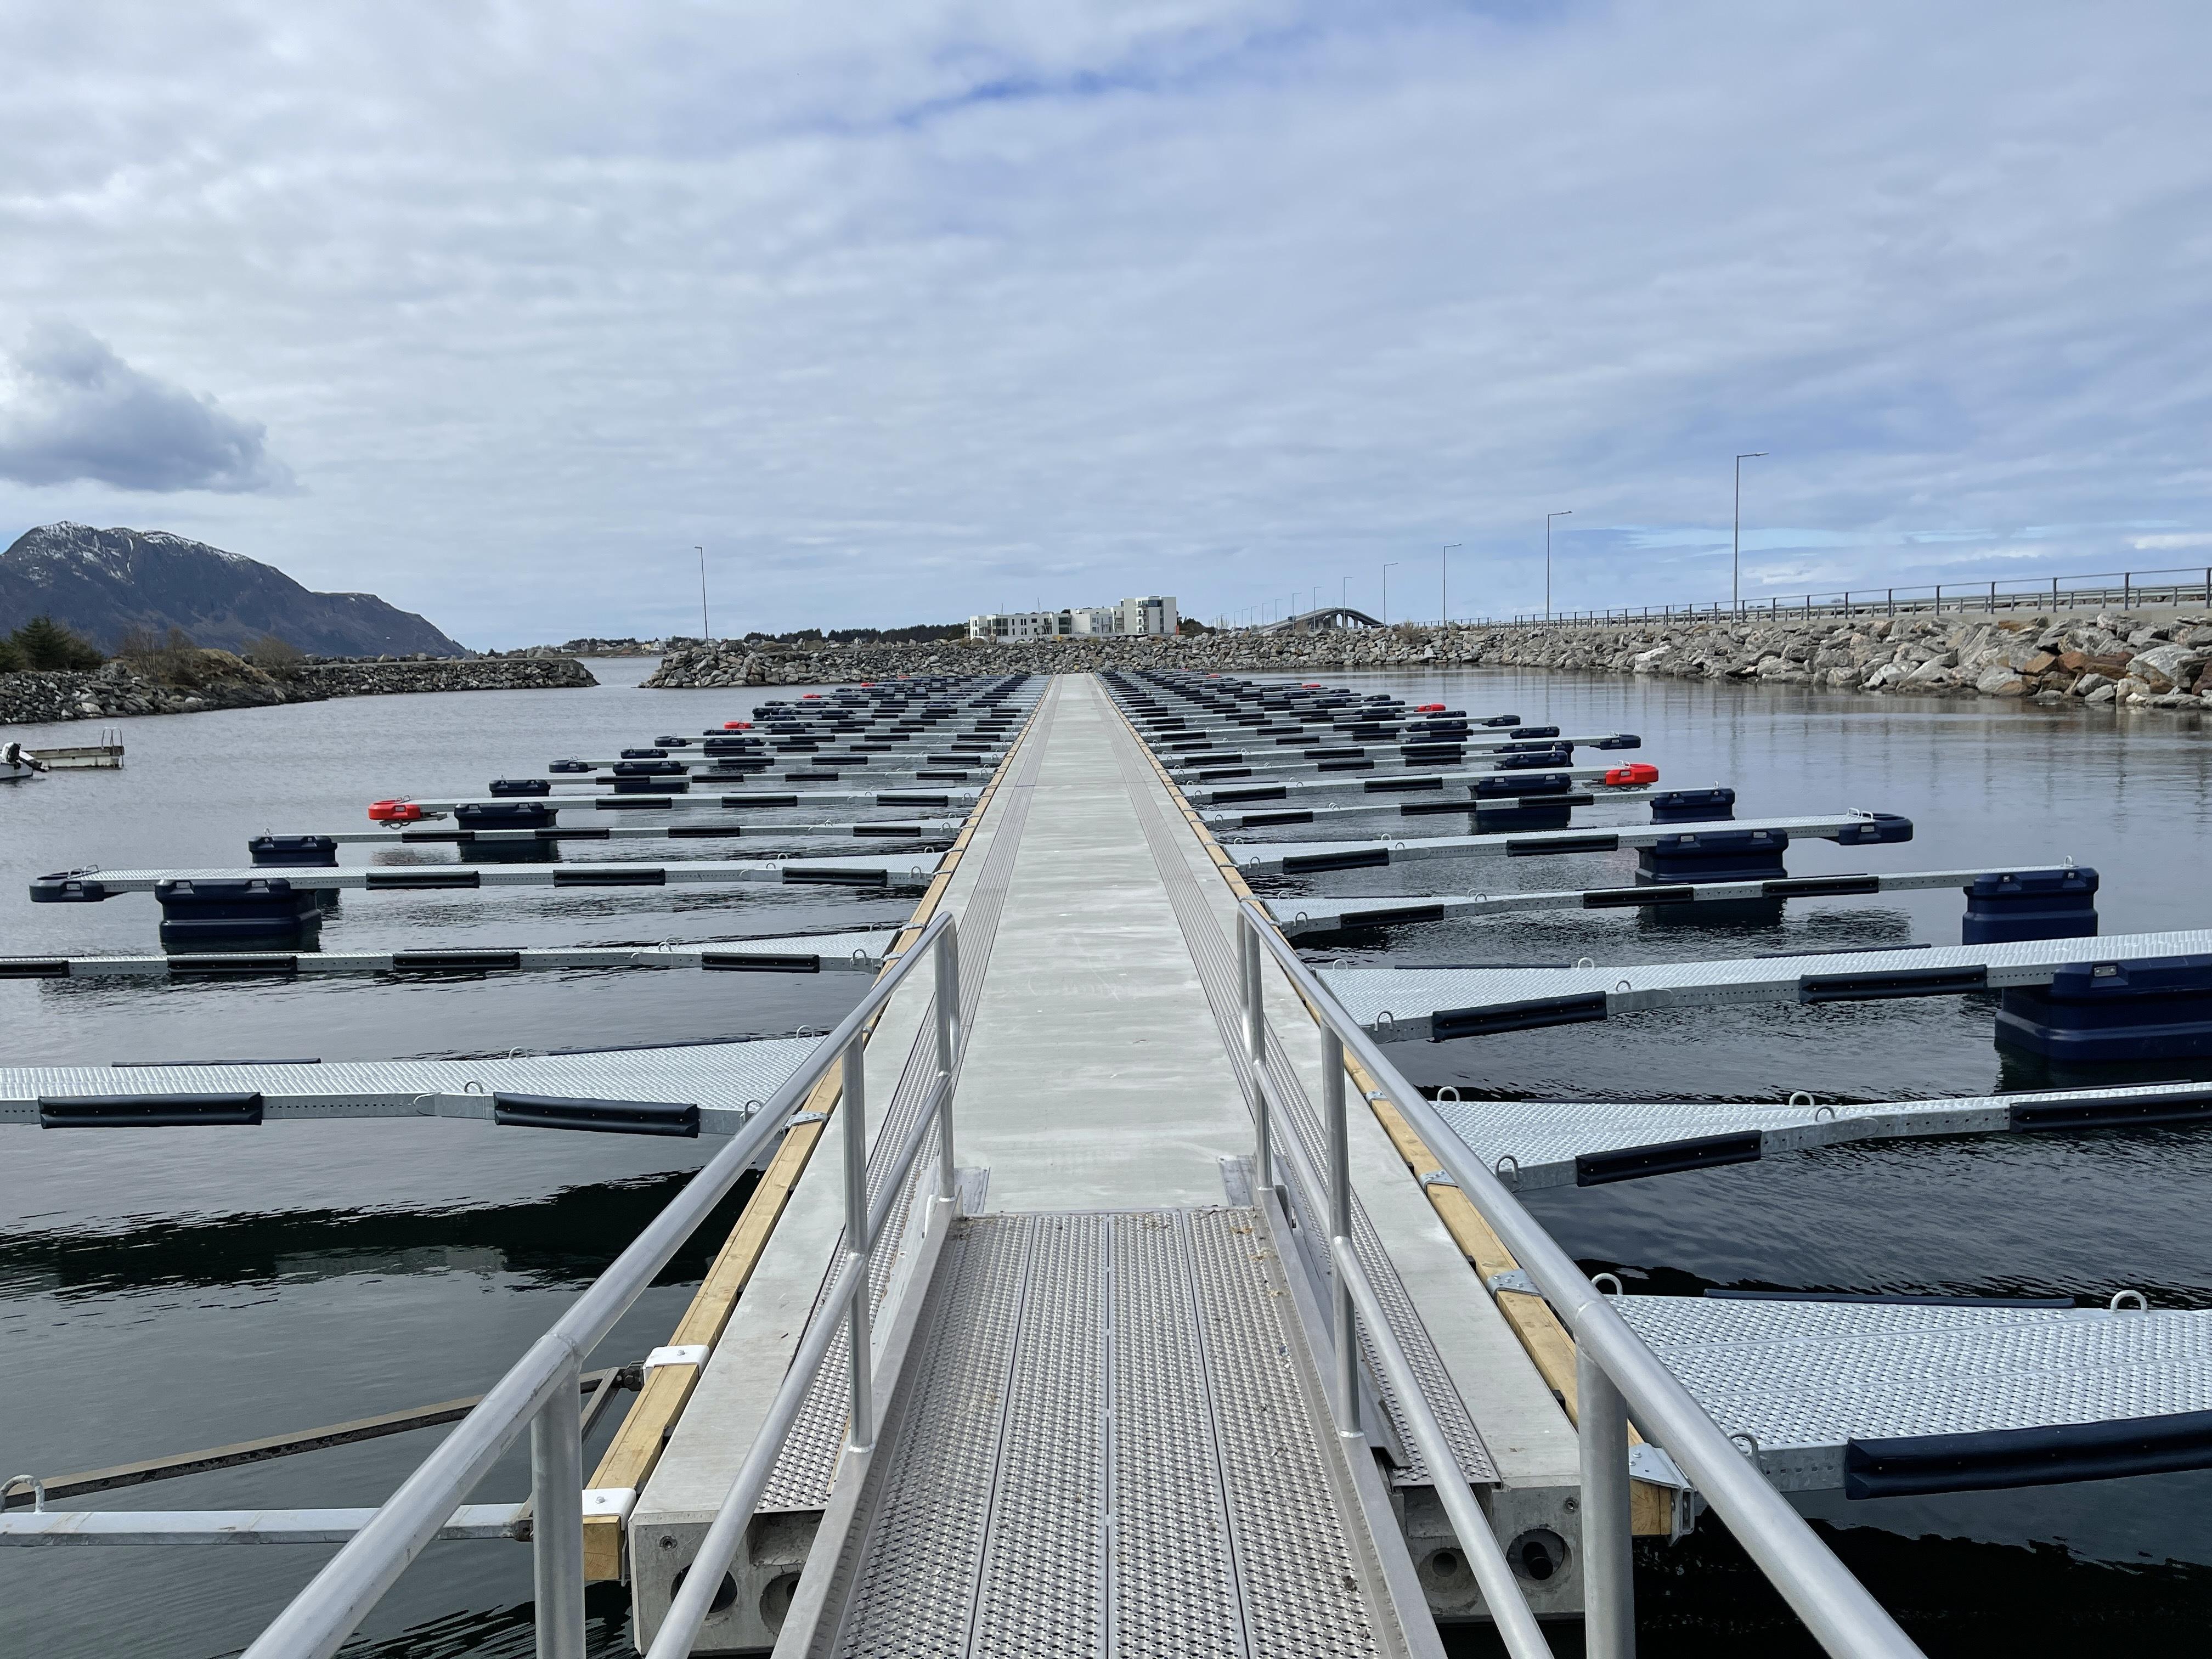 https://marinasolutions.no/uploads/Ytterland-småbåtforening_Valderøy_Marina-Solutions-AS-5.JPG